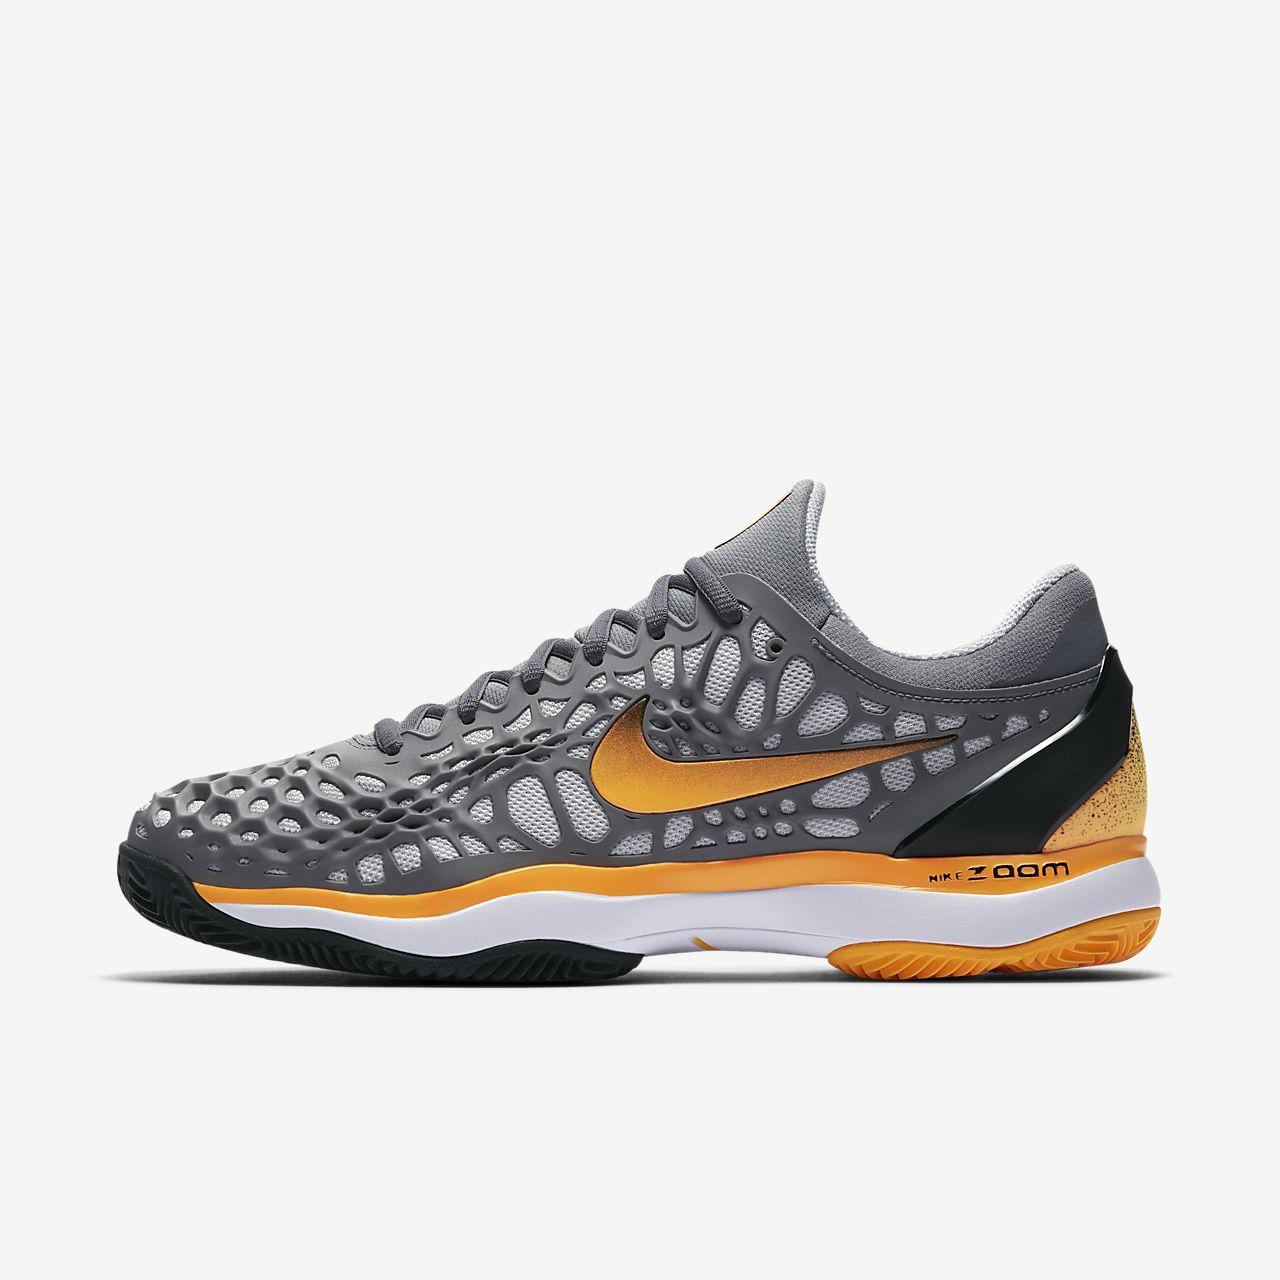 newest 694df cf8d1 Nike Air Zoom Cage 3 HC, chaussure de tennis pour hommes